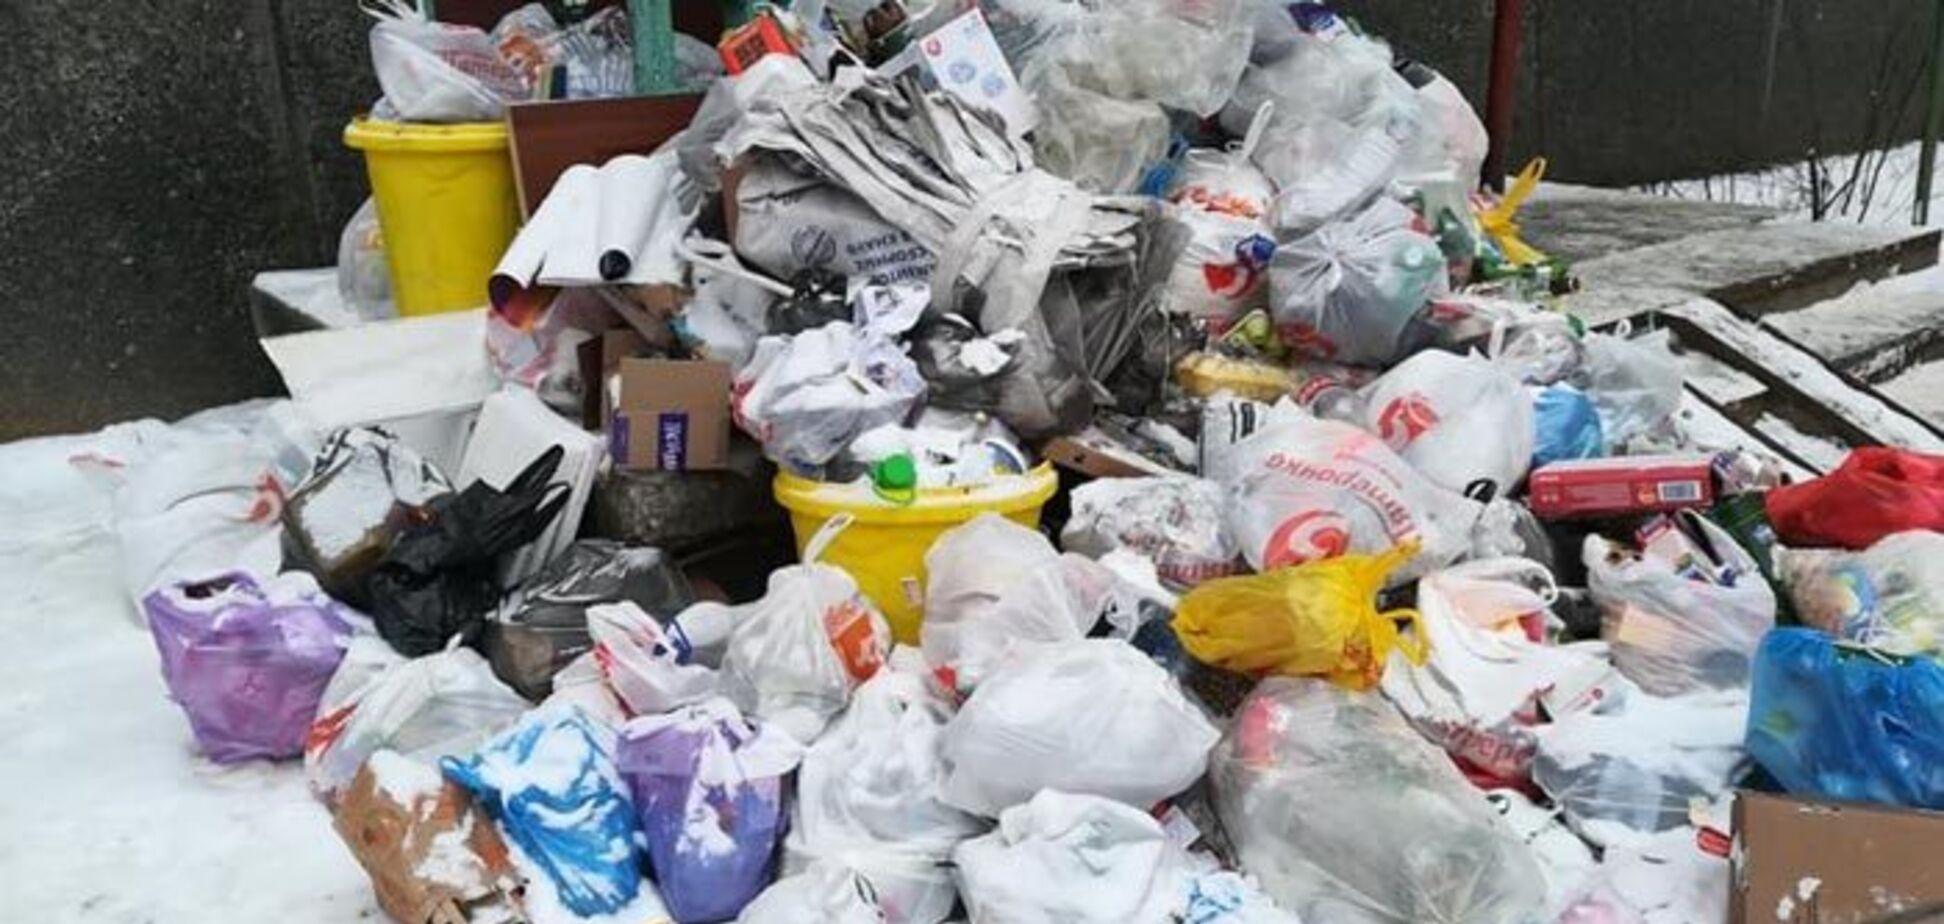 'Заср*лись россияне': мусорный коллапс в РФ превратил города в свалки. Фоторепортаж